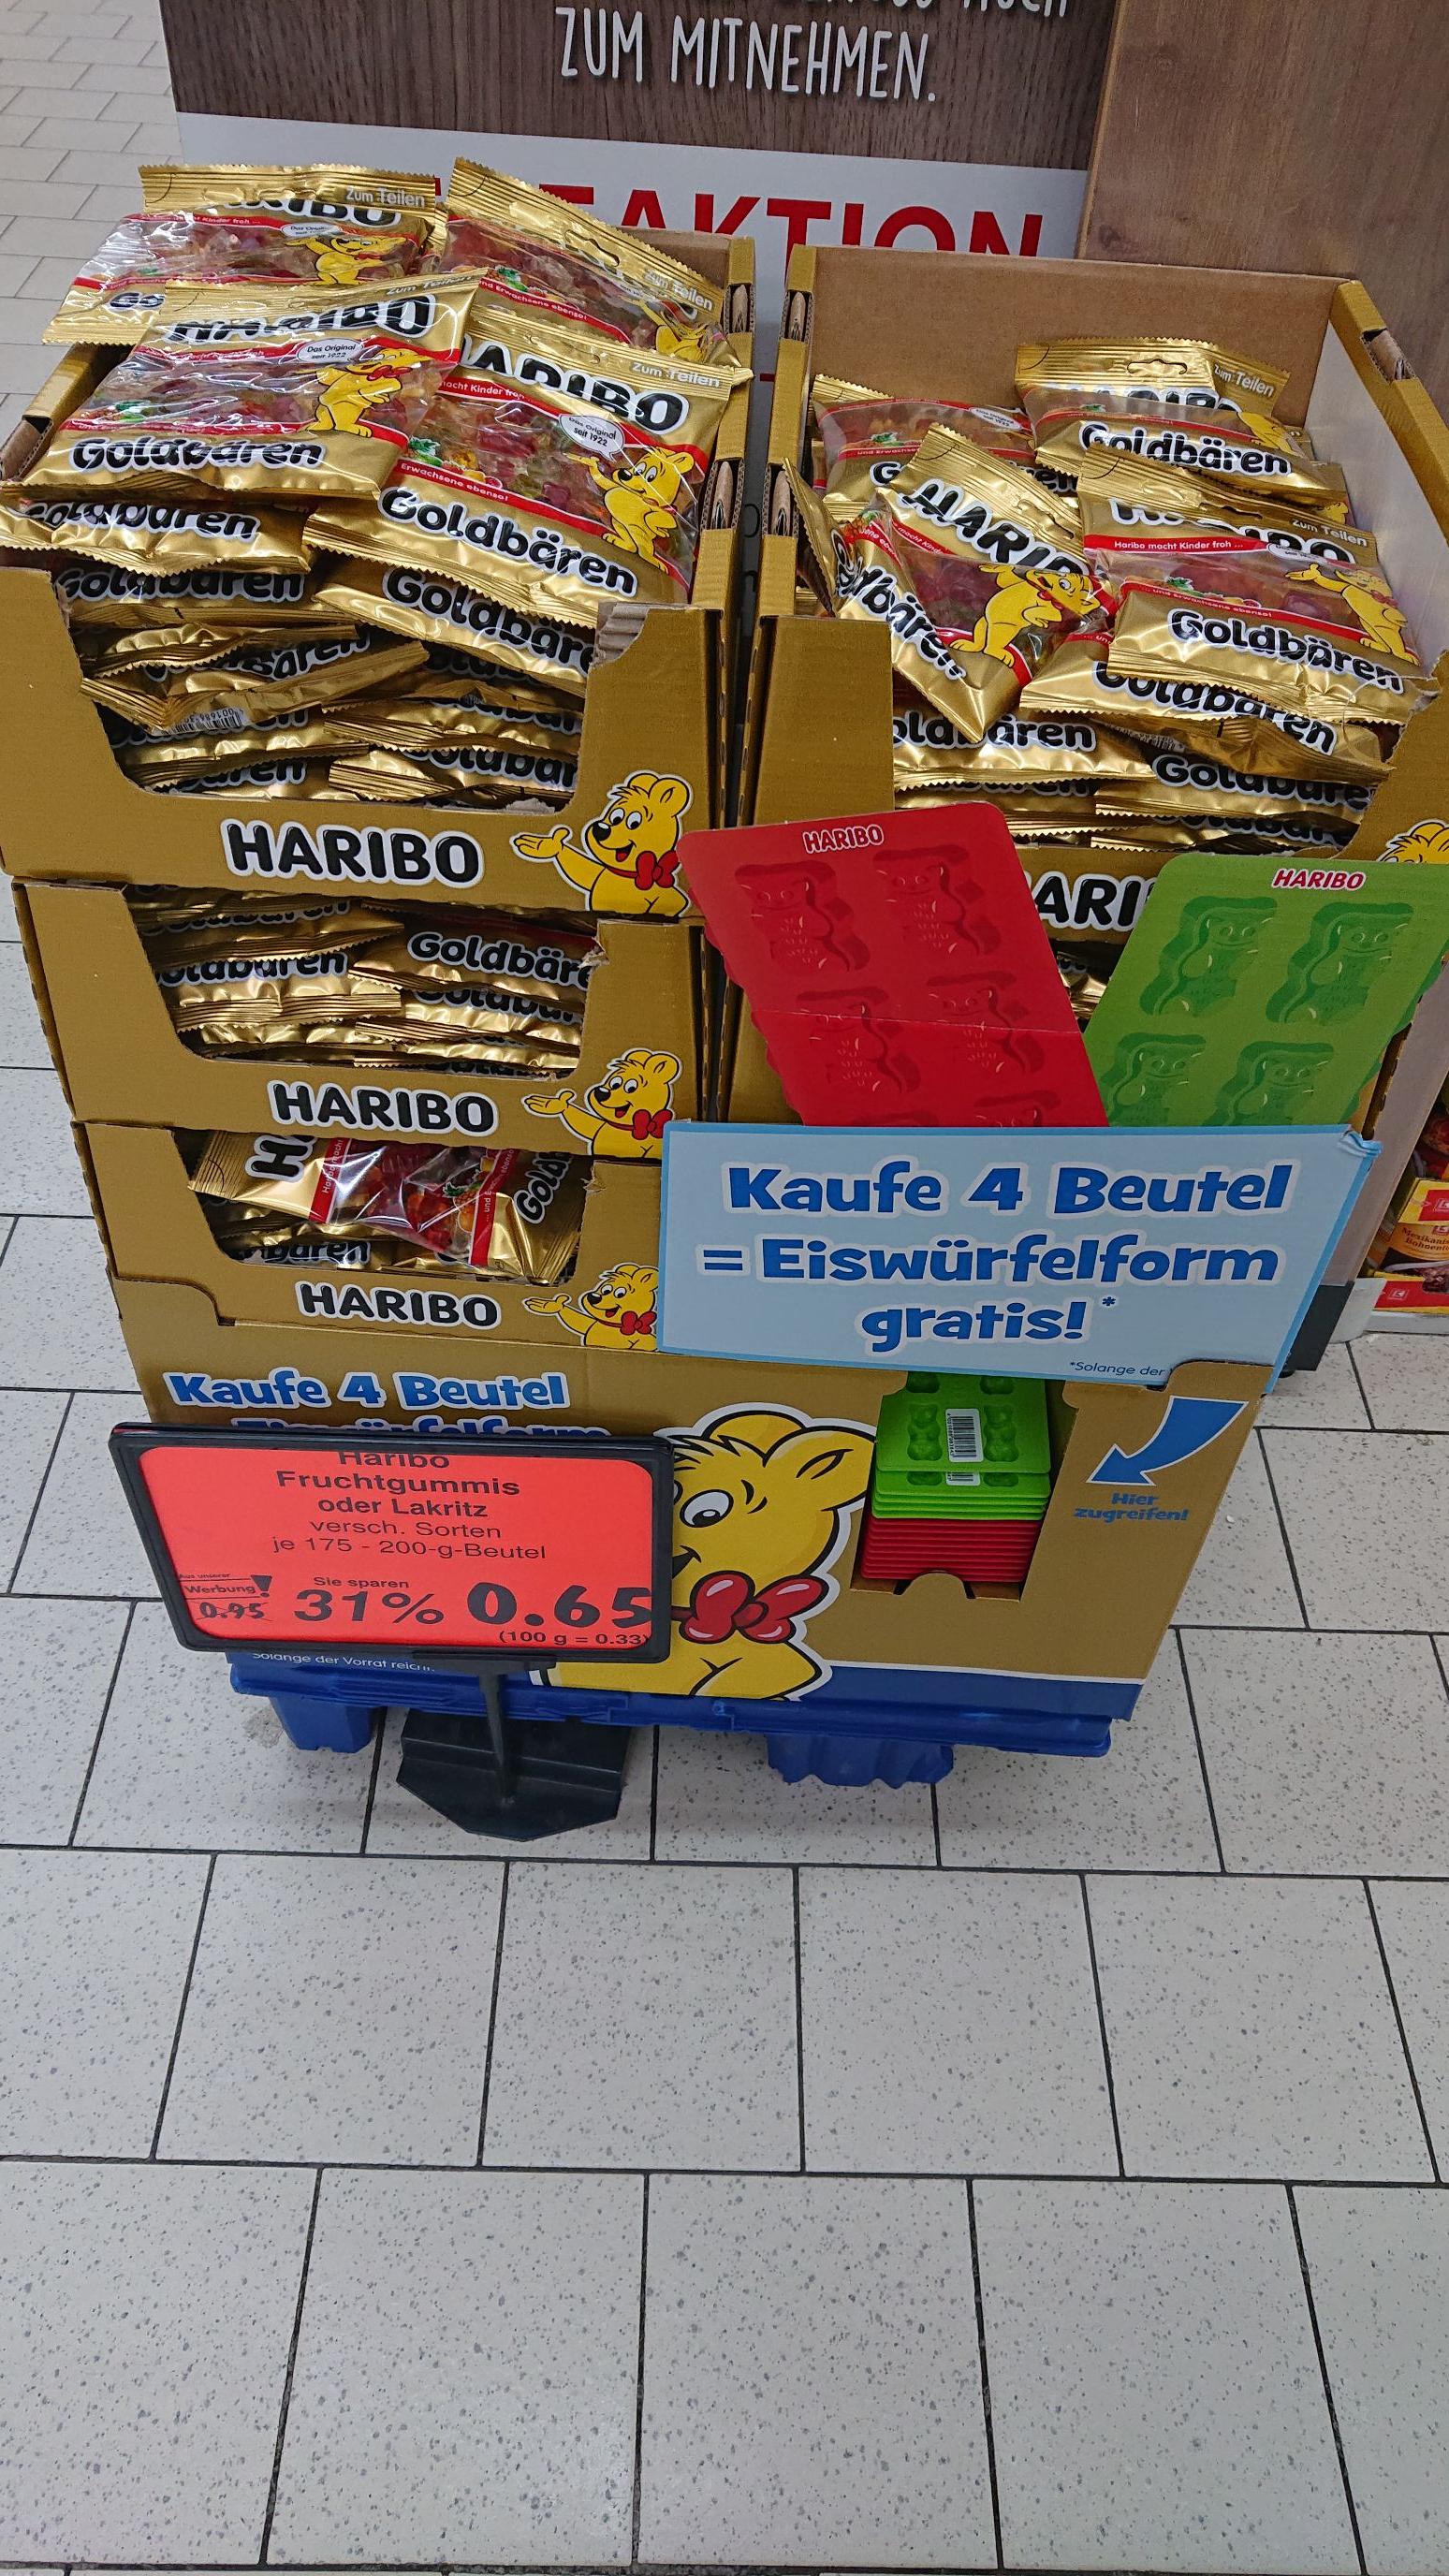 [Kaufland] Haribo Goldbären 4x 200g + Gratis Eisform (gilt auch für Haribo Lakritze, Color-Rado Fruitmania)